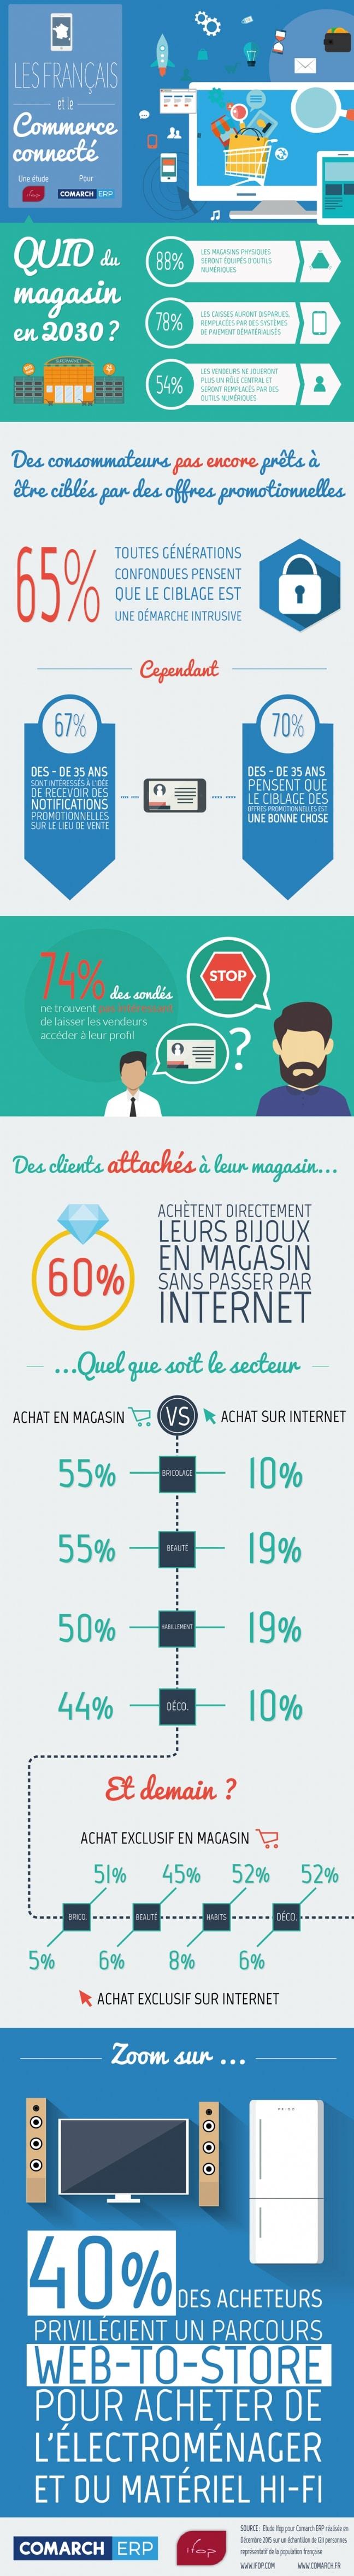 Francais-commerce-connecte-infographie